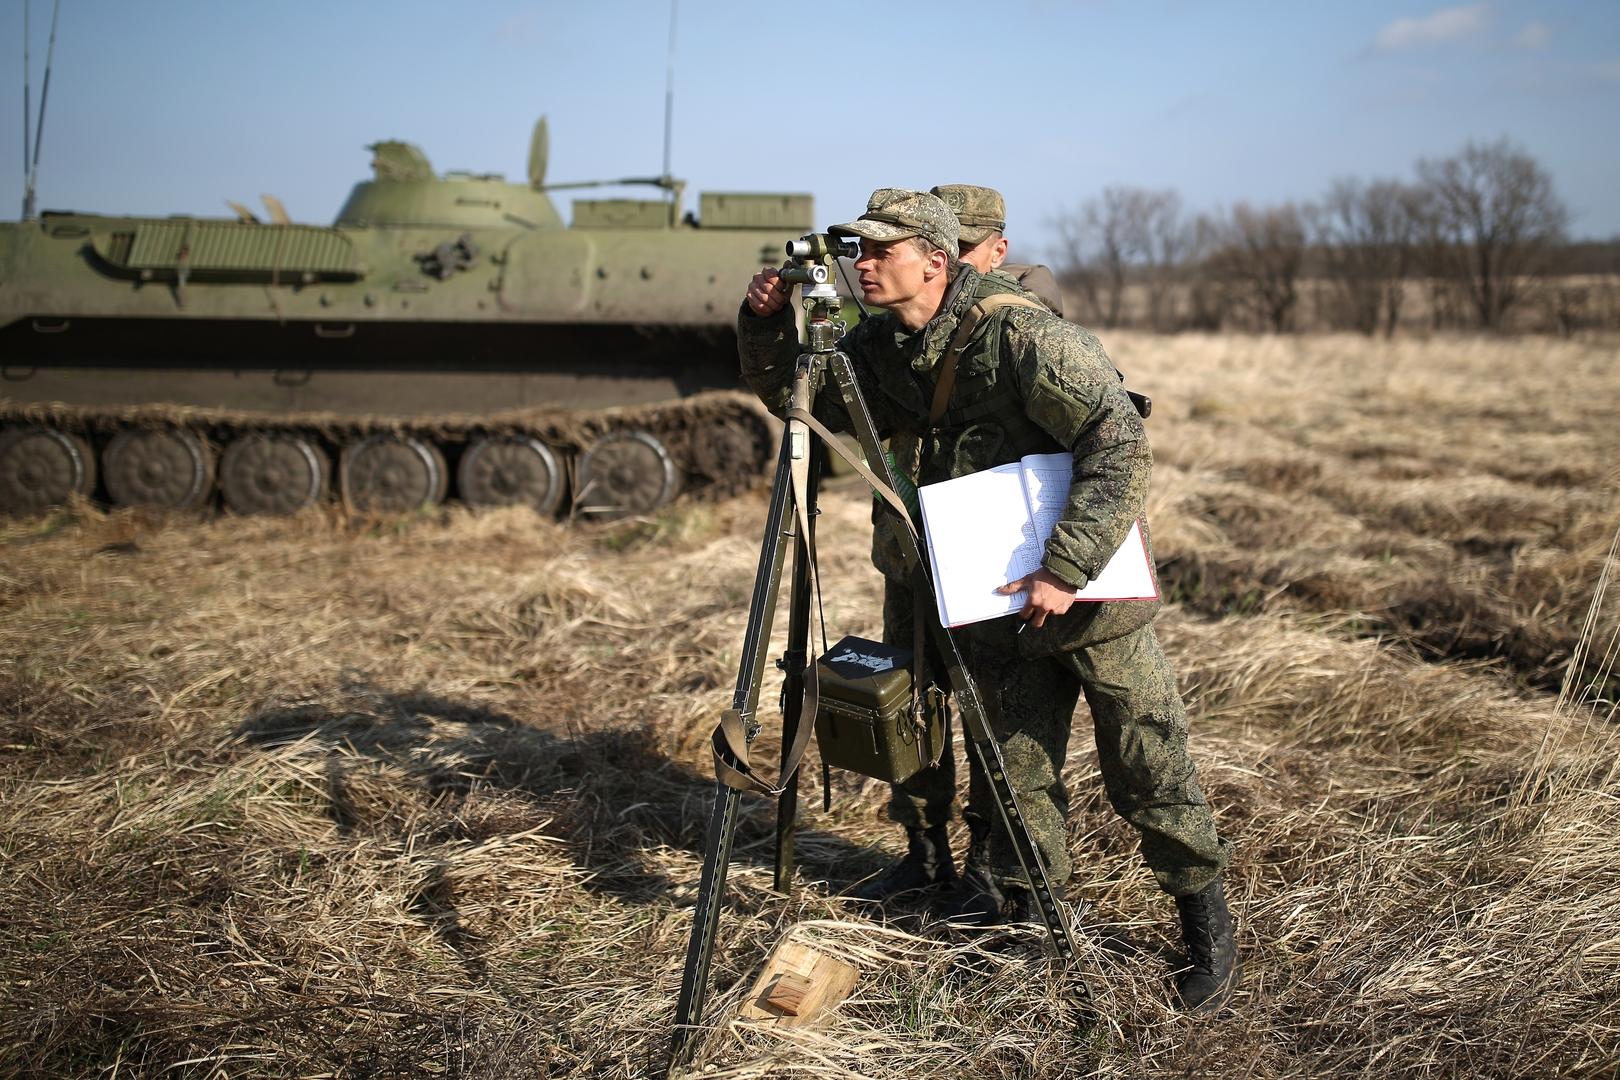 تدريبات عسكرية في مقاطعة كراسنودار بجنوب روسيا